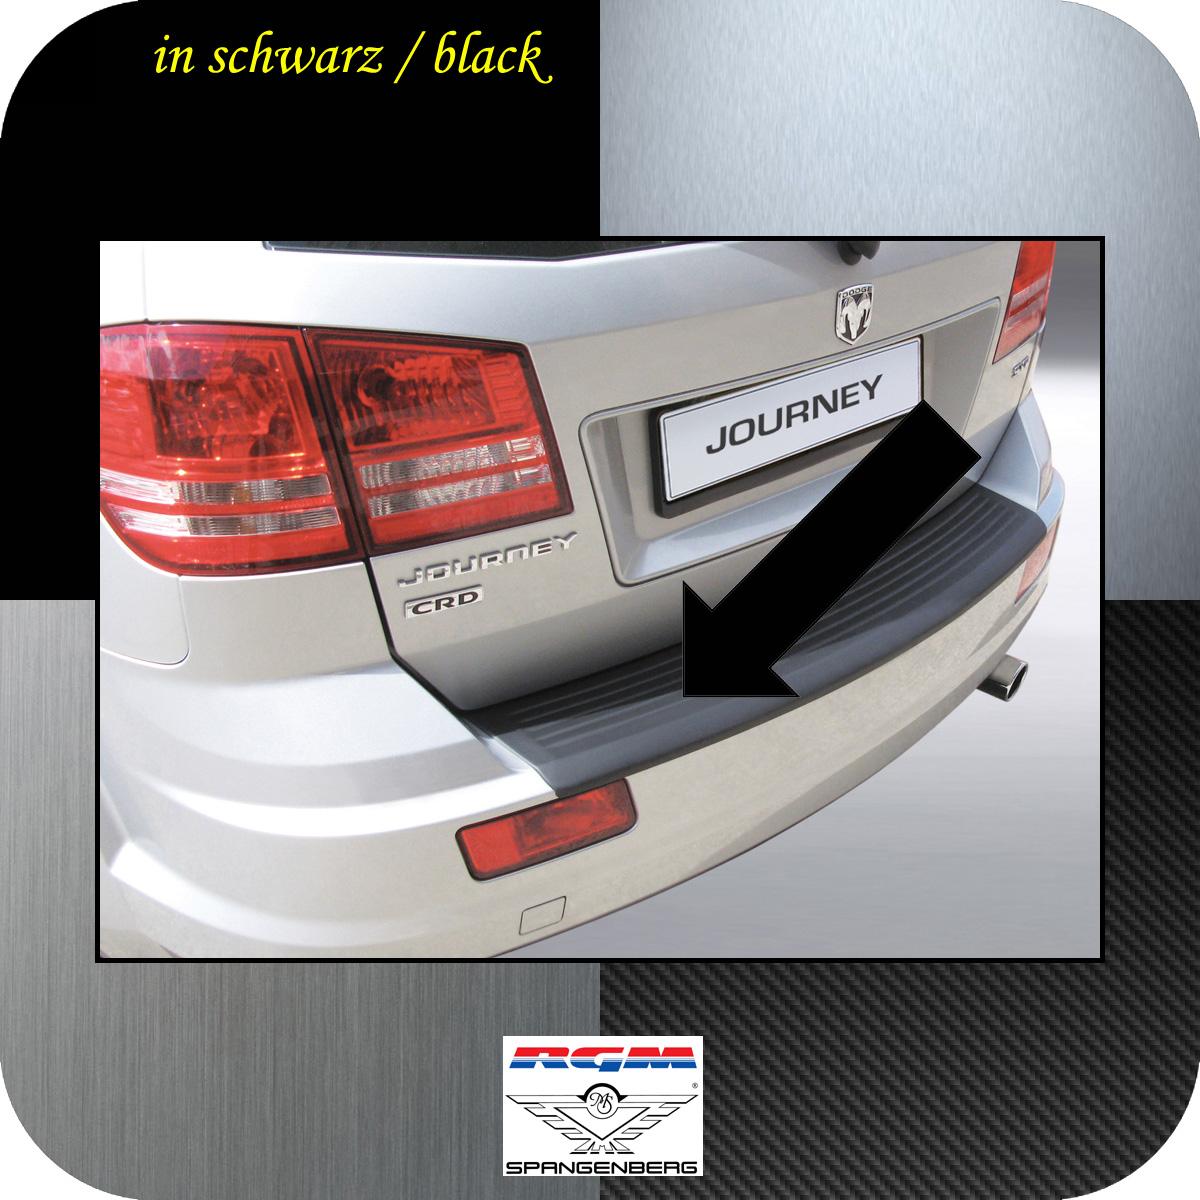 Ladekantenschutz schwarz Dodge Journey SUV ab facelift Baujahr 2011- 3500562